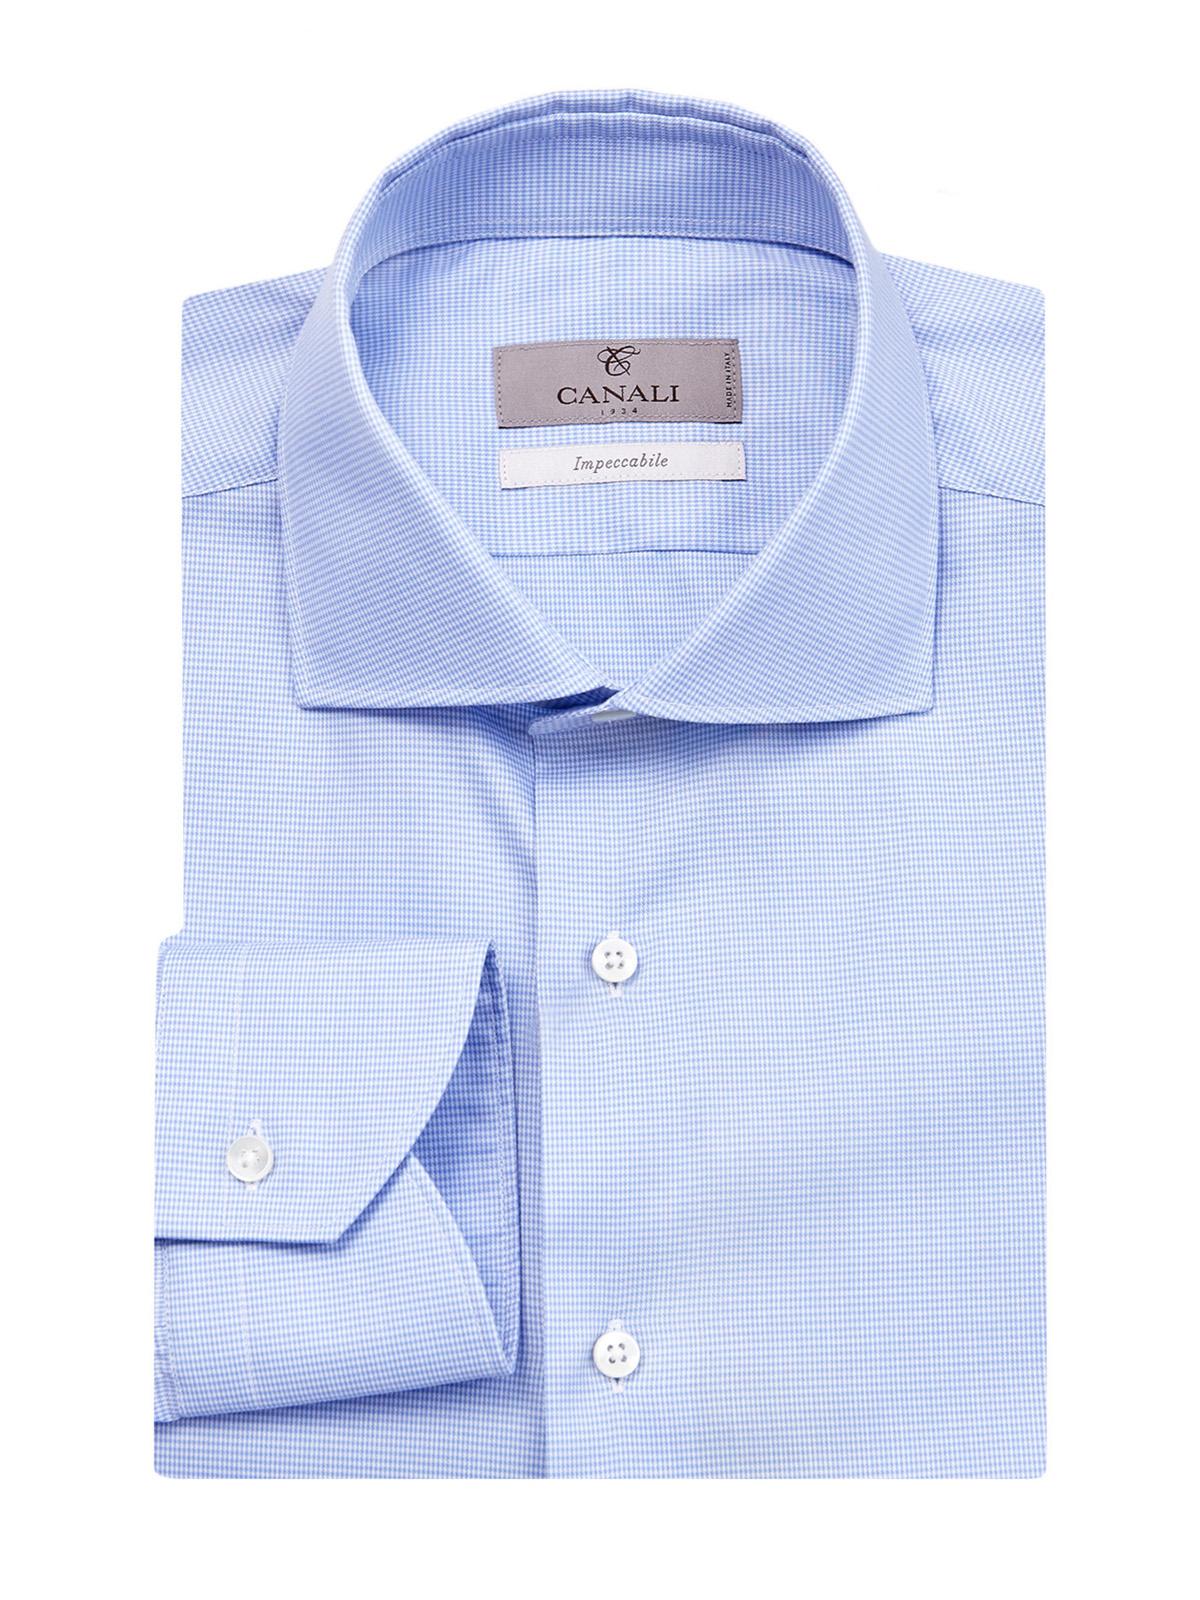 Рубашка из хлопковой саржи Impeccabile с микро-принтом